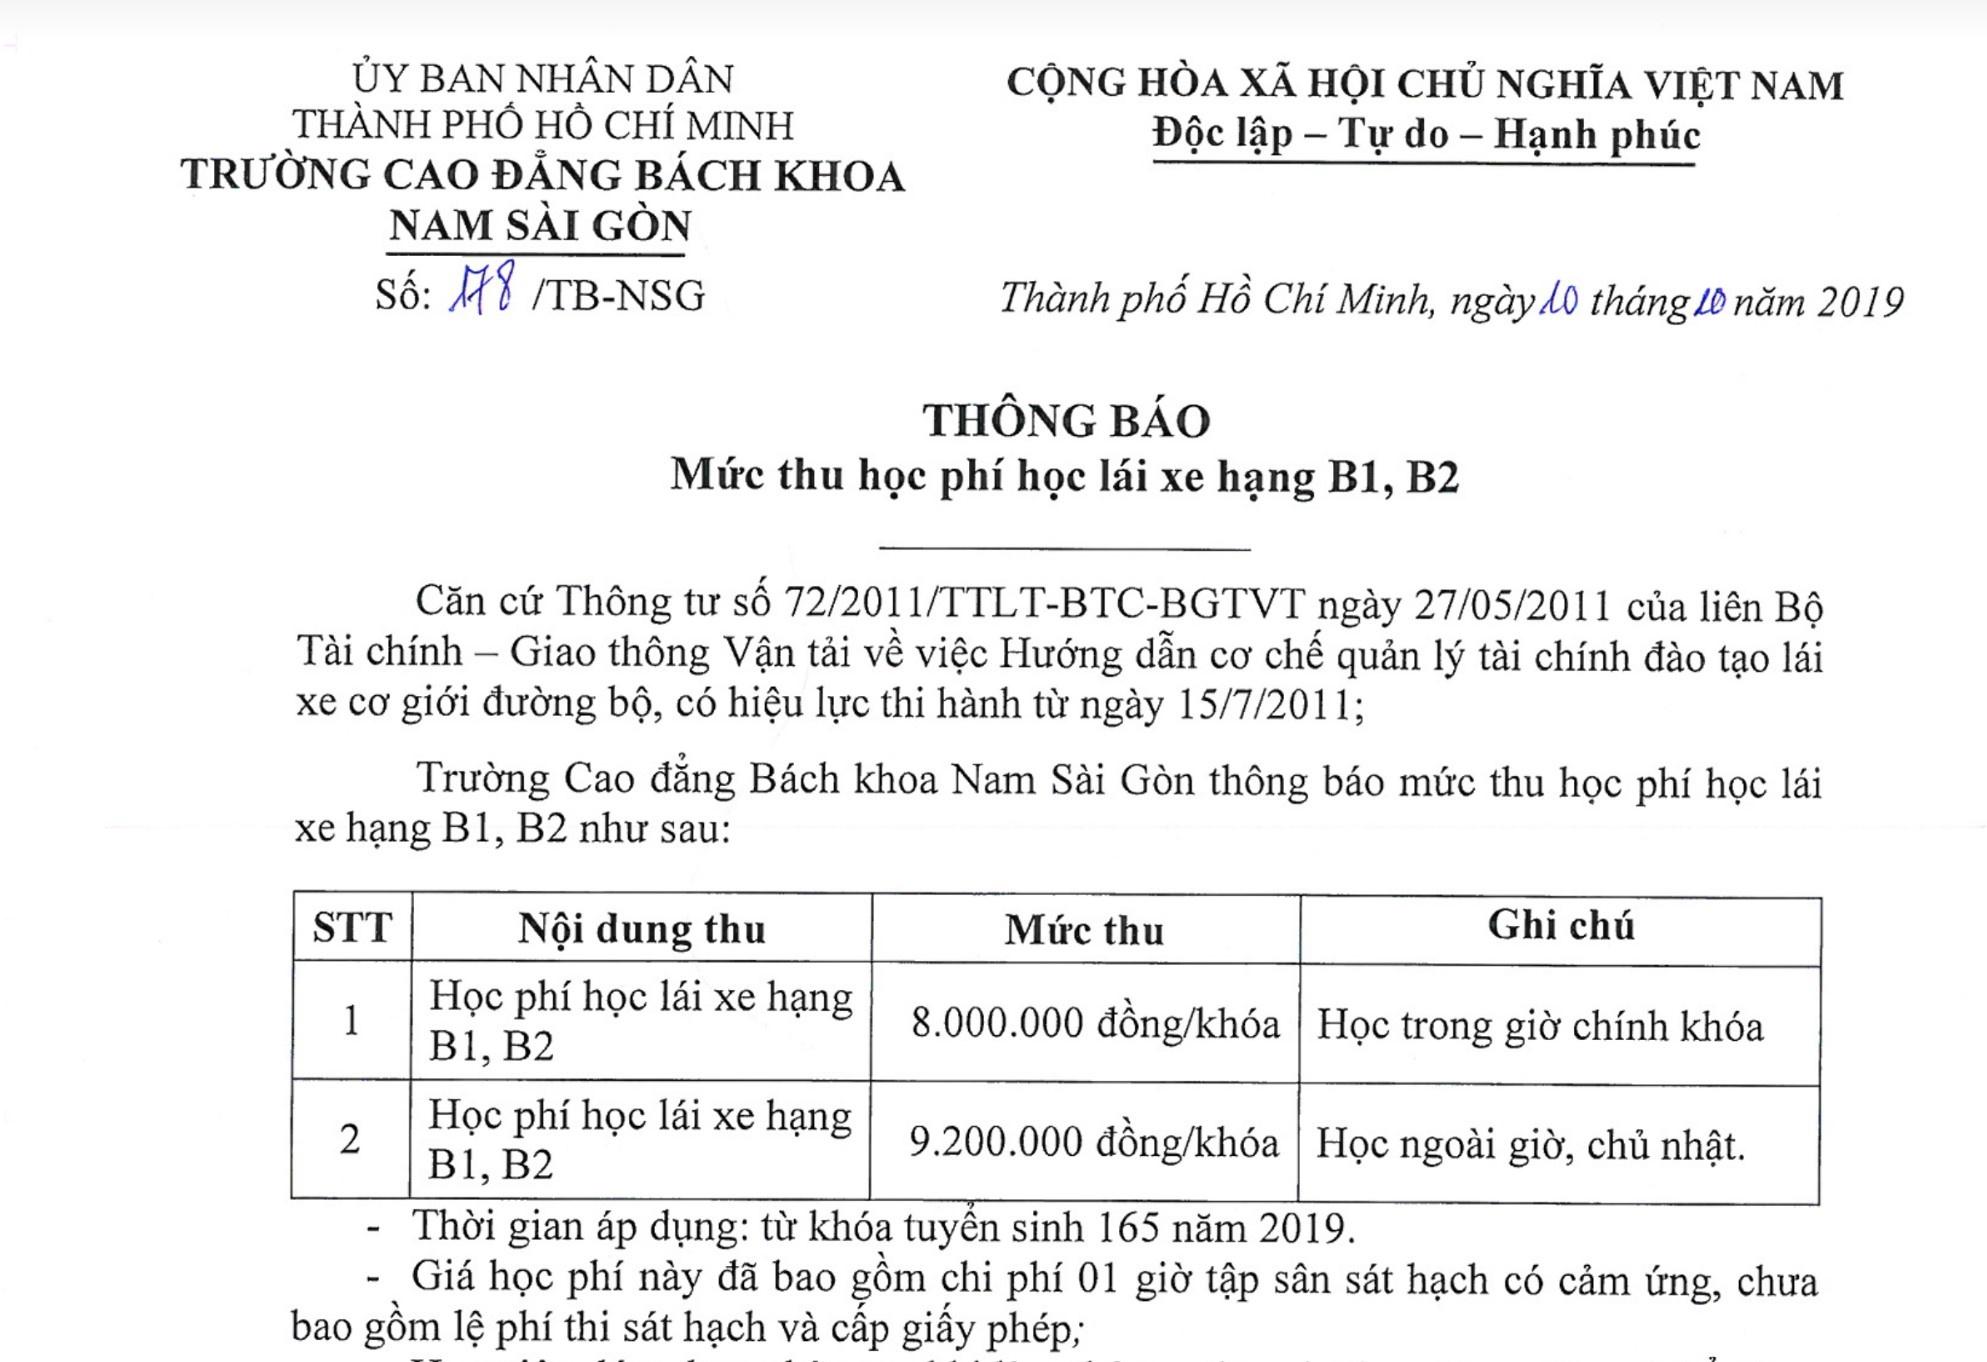 Hoc phi lai xe tang gap 2 lan tai TP.HCM hinh anh 1 Nam_SG_before.jpg